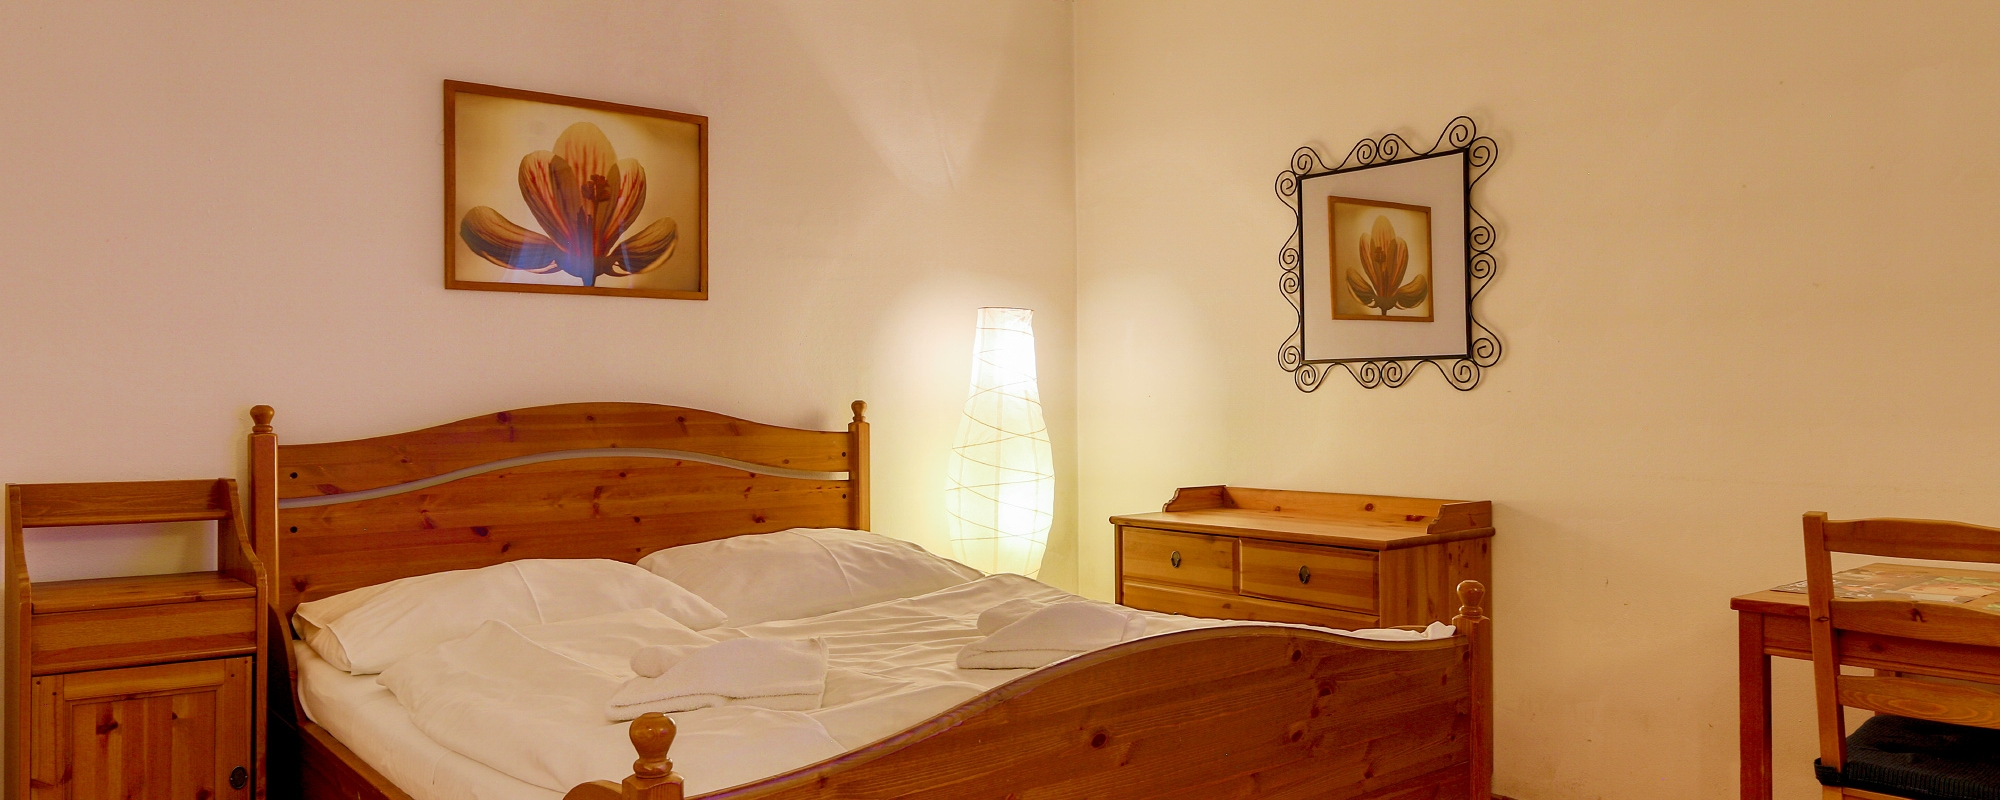 Apartmán v atraktívnej Hrabovskej doline, Ružomberok - Hrabovo